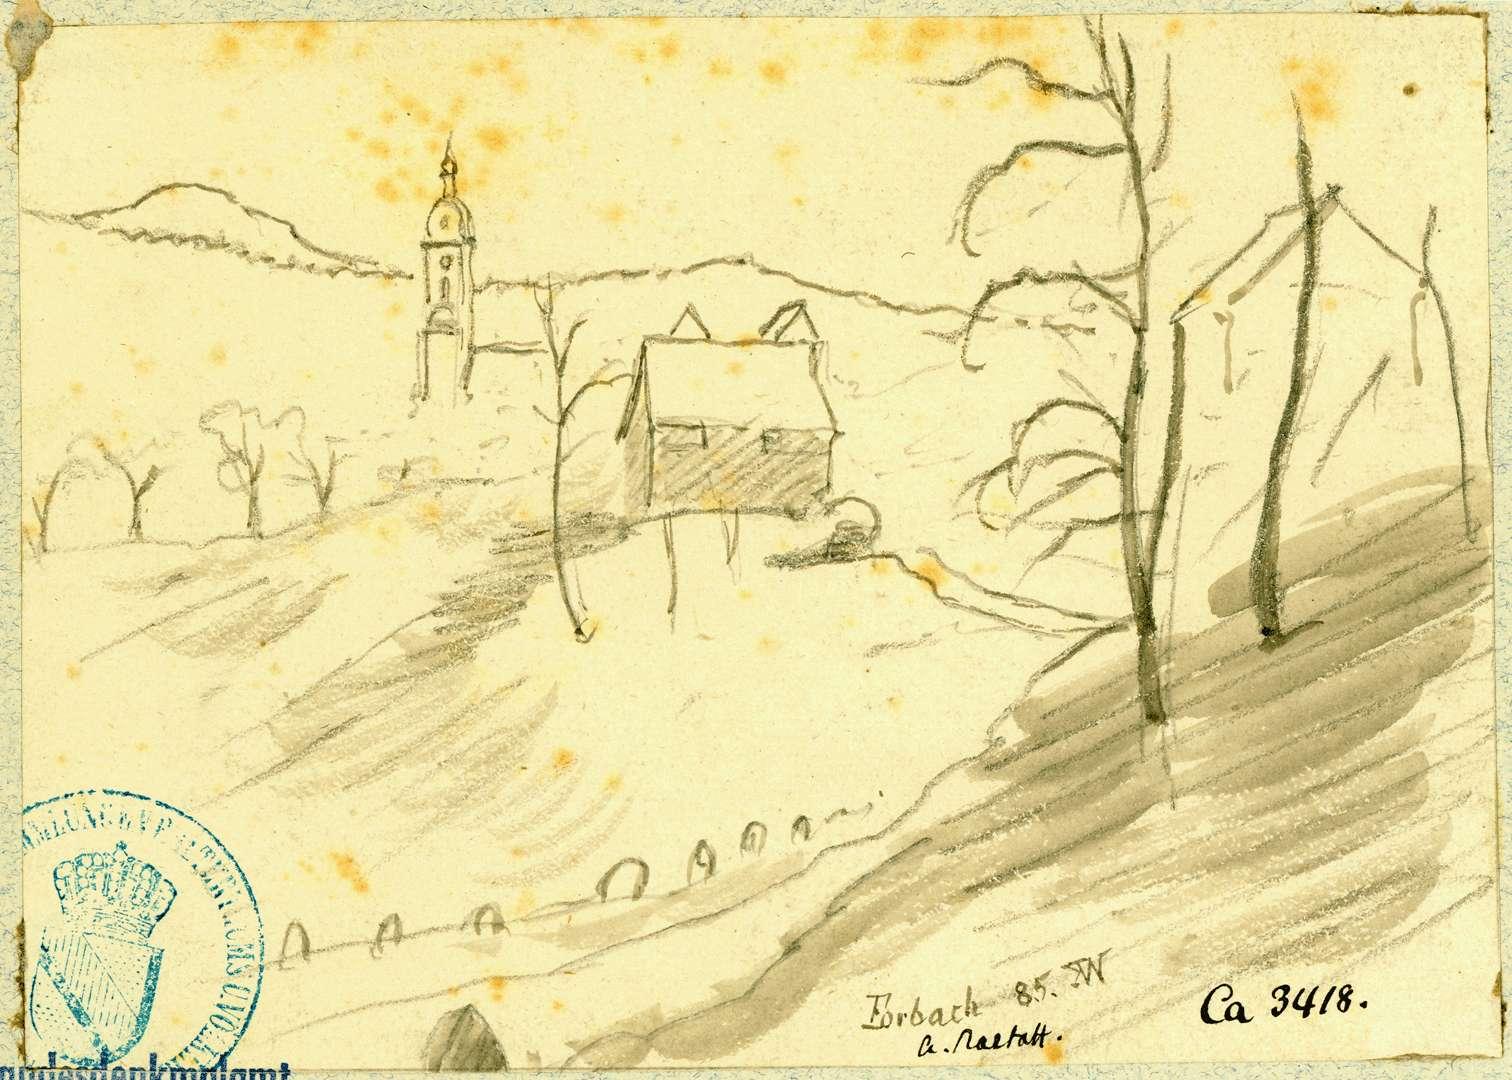 Forbach Landschaft mit Turm der katholischen Pfarrkirche im Hintergrund, Bild 1